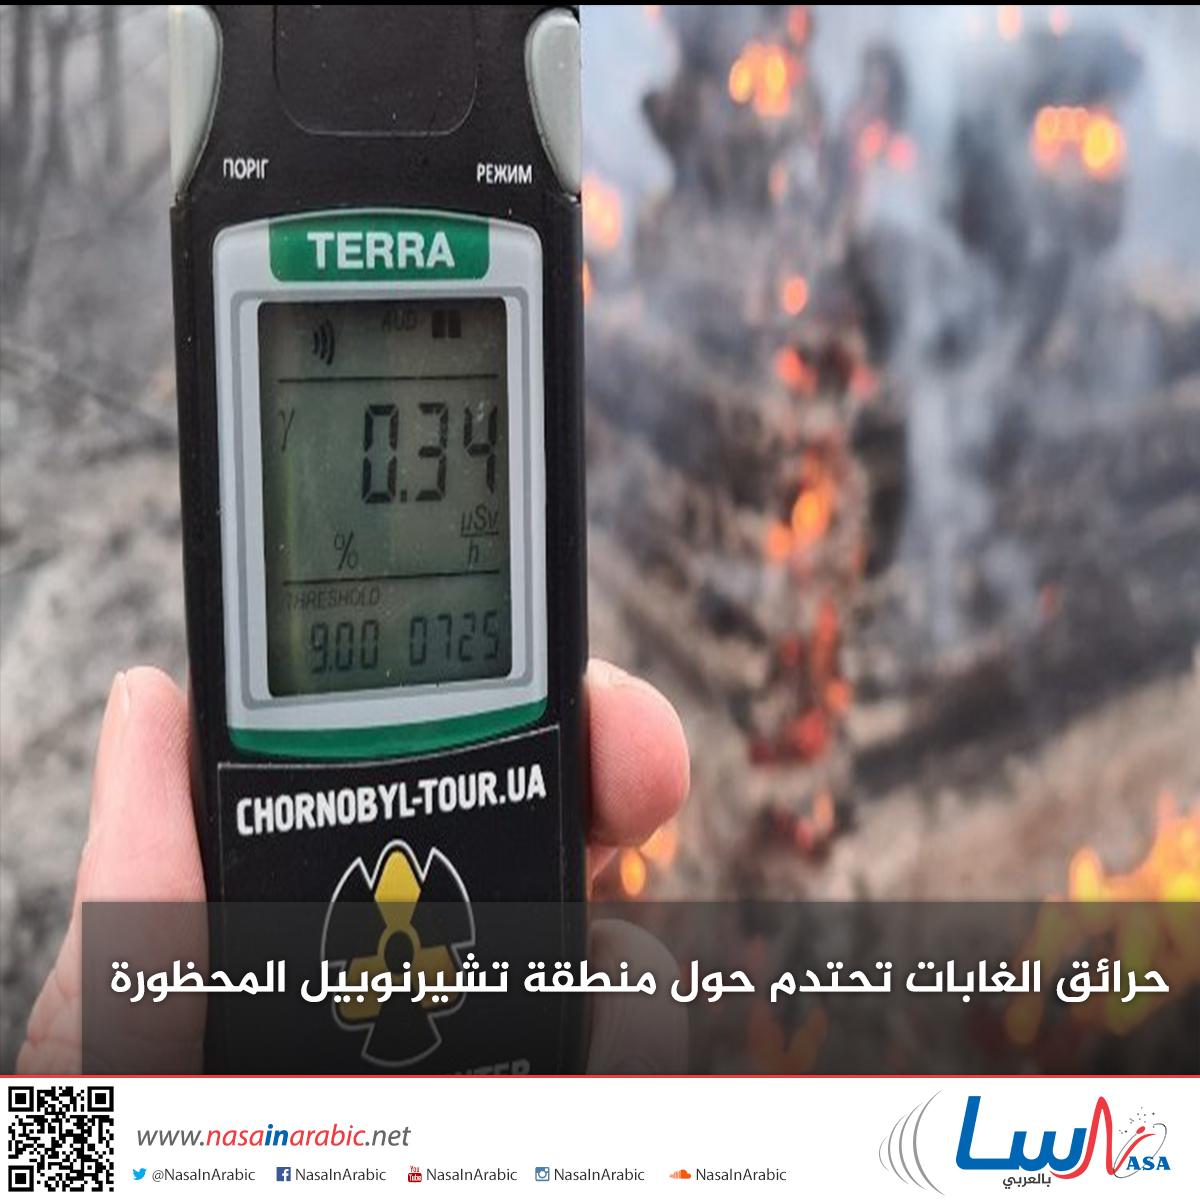 حرائق الغابات تحتدم حول منطقة تشيرنوبيل المحظورة